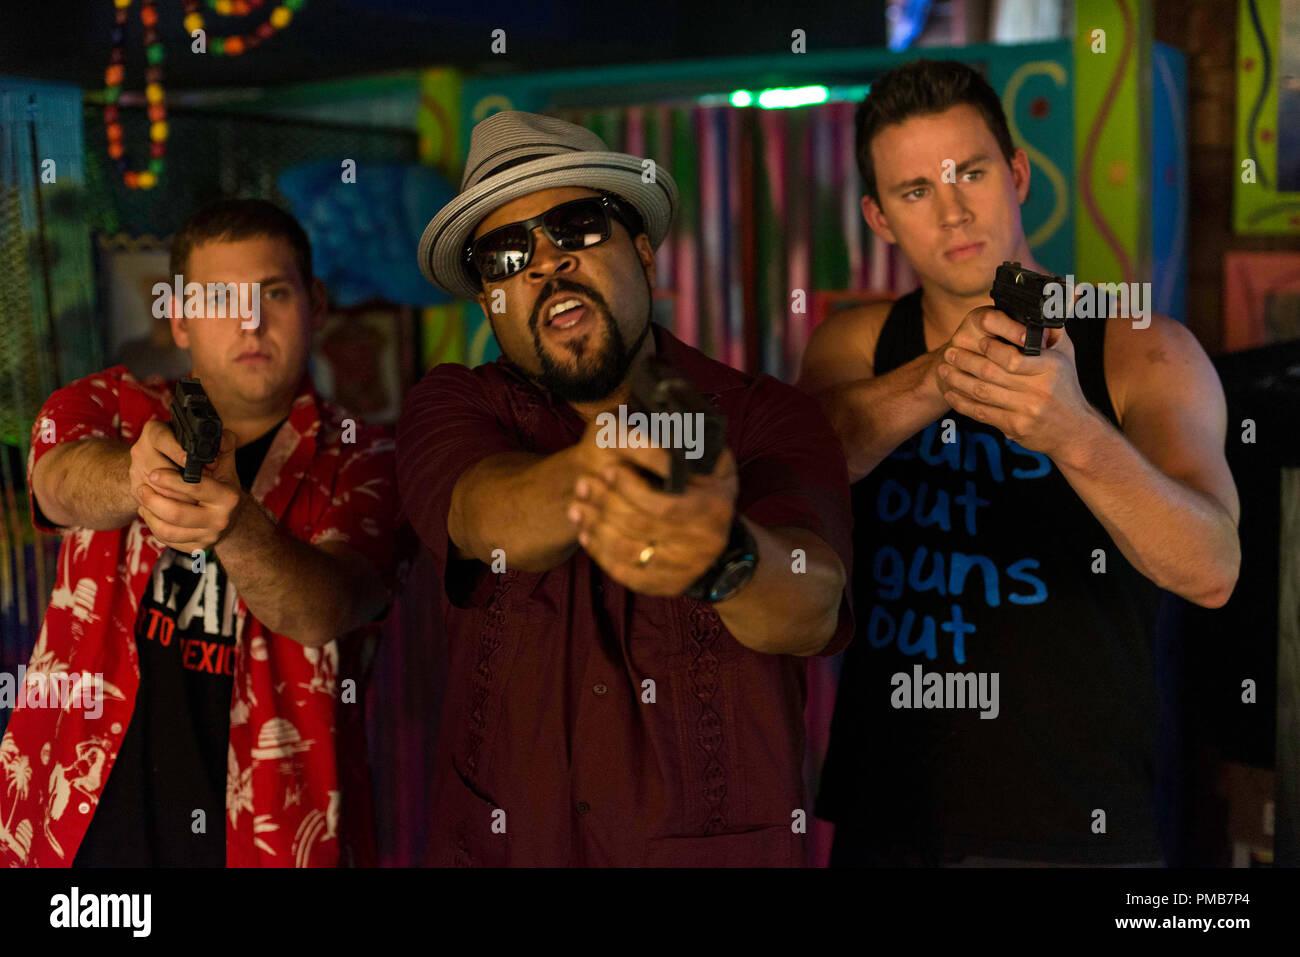 """Schmidt (Jonah Hill) und Jenko (Channing Tatum) mit Dickson (ICE CUBE), die bösen Jungs in Columbia Pictures'' 22 Jump Street konfrontieren."""" Stockbild"""